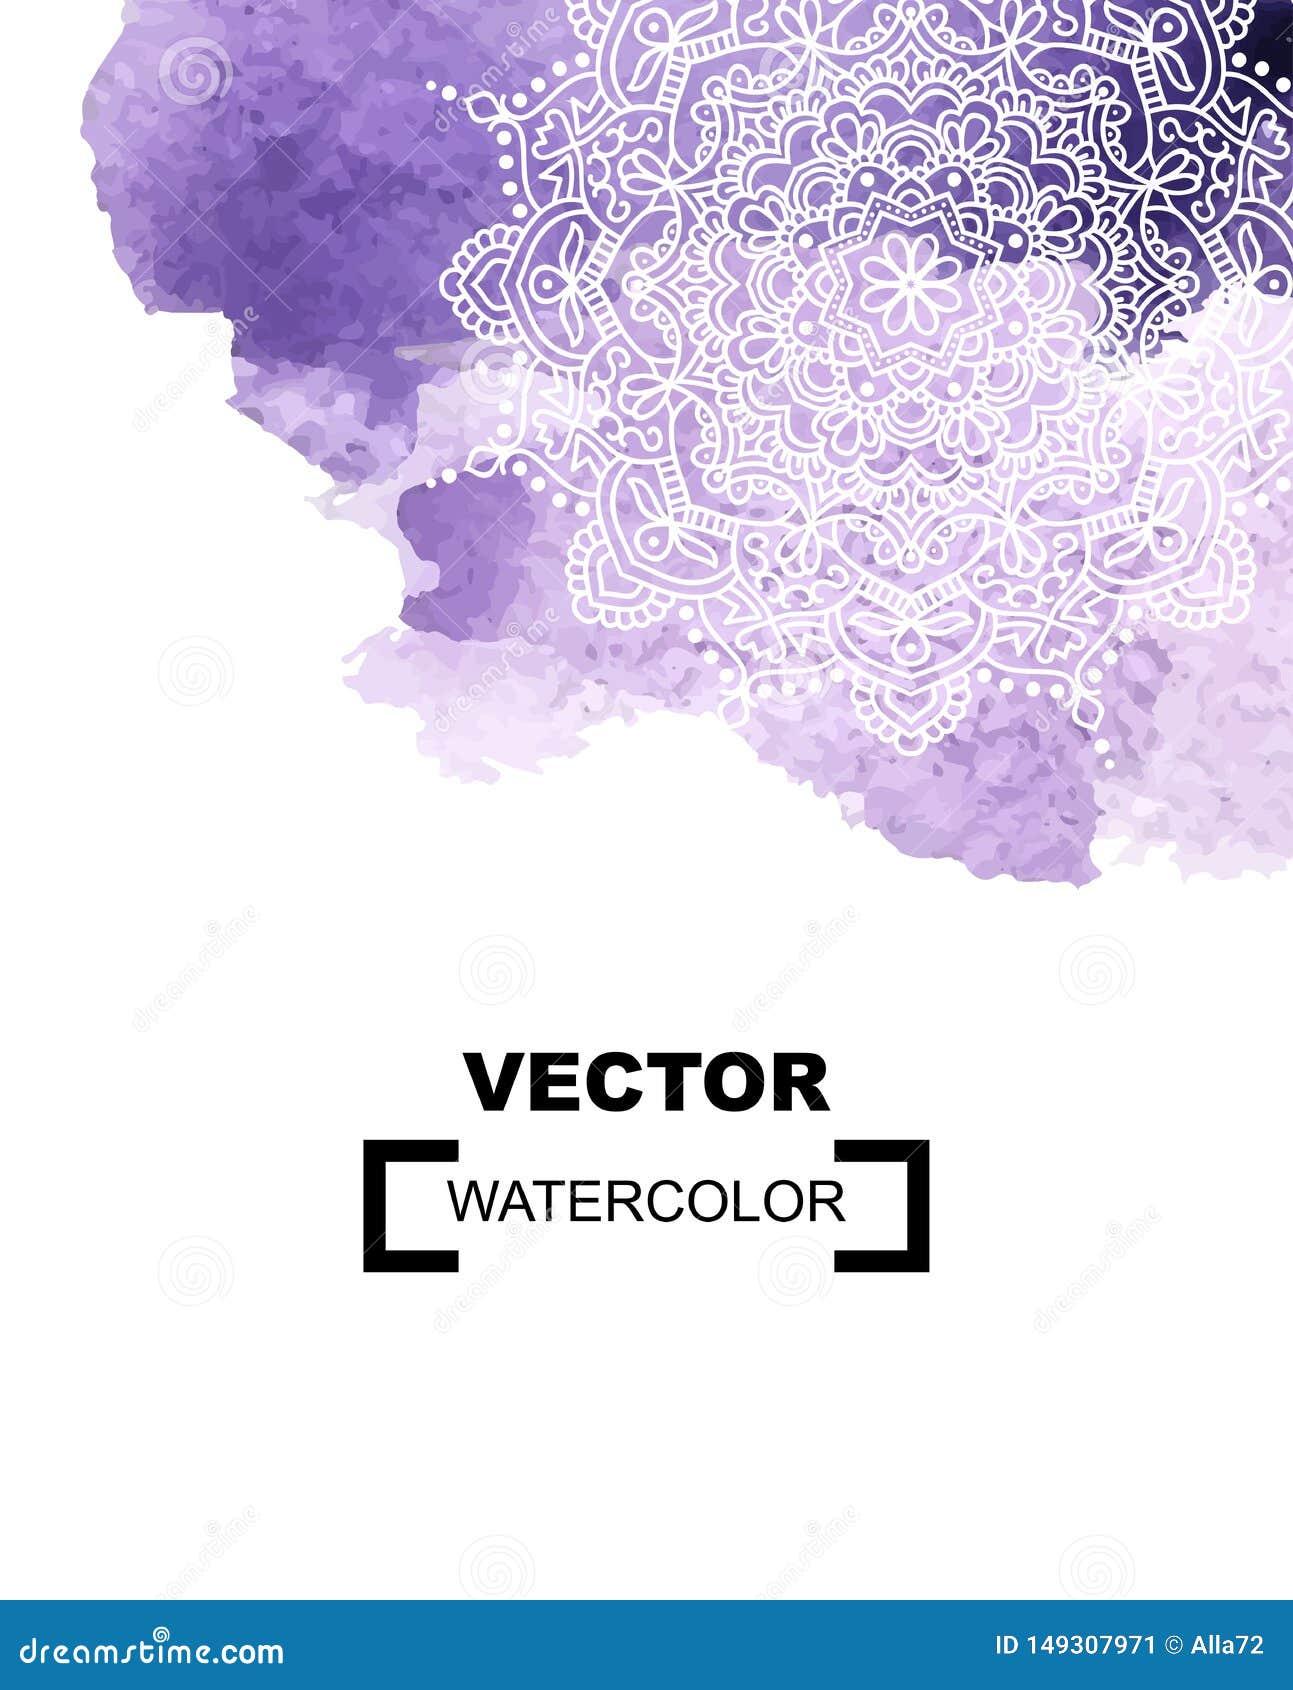 Предпосылка краски акварели с белой рукой нарисованной вокруг doodles и мандал дизайн фона